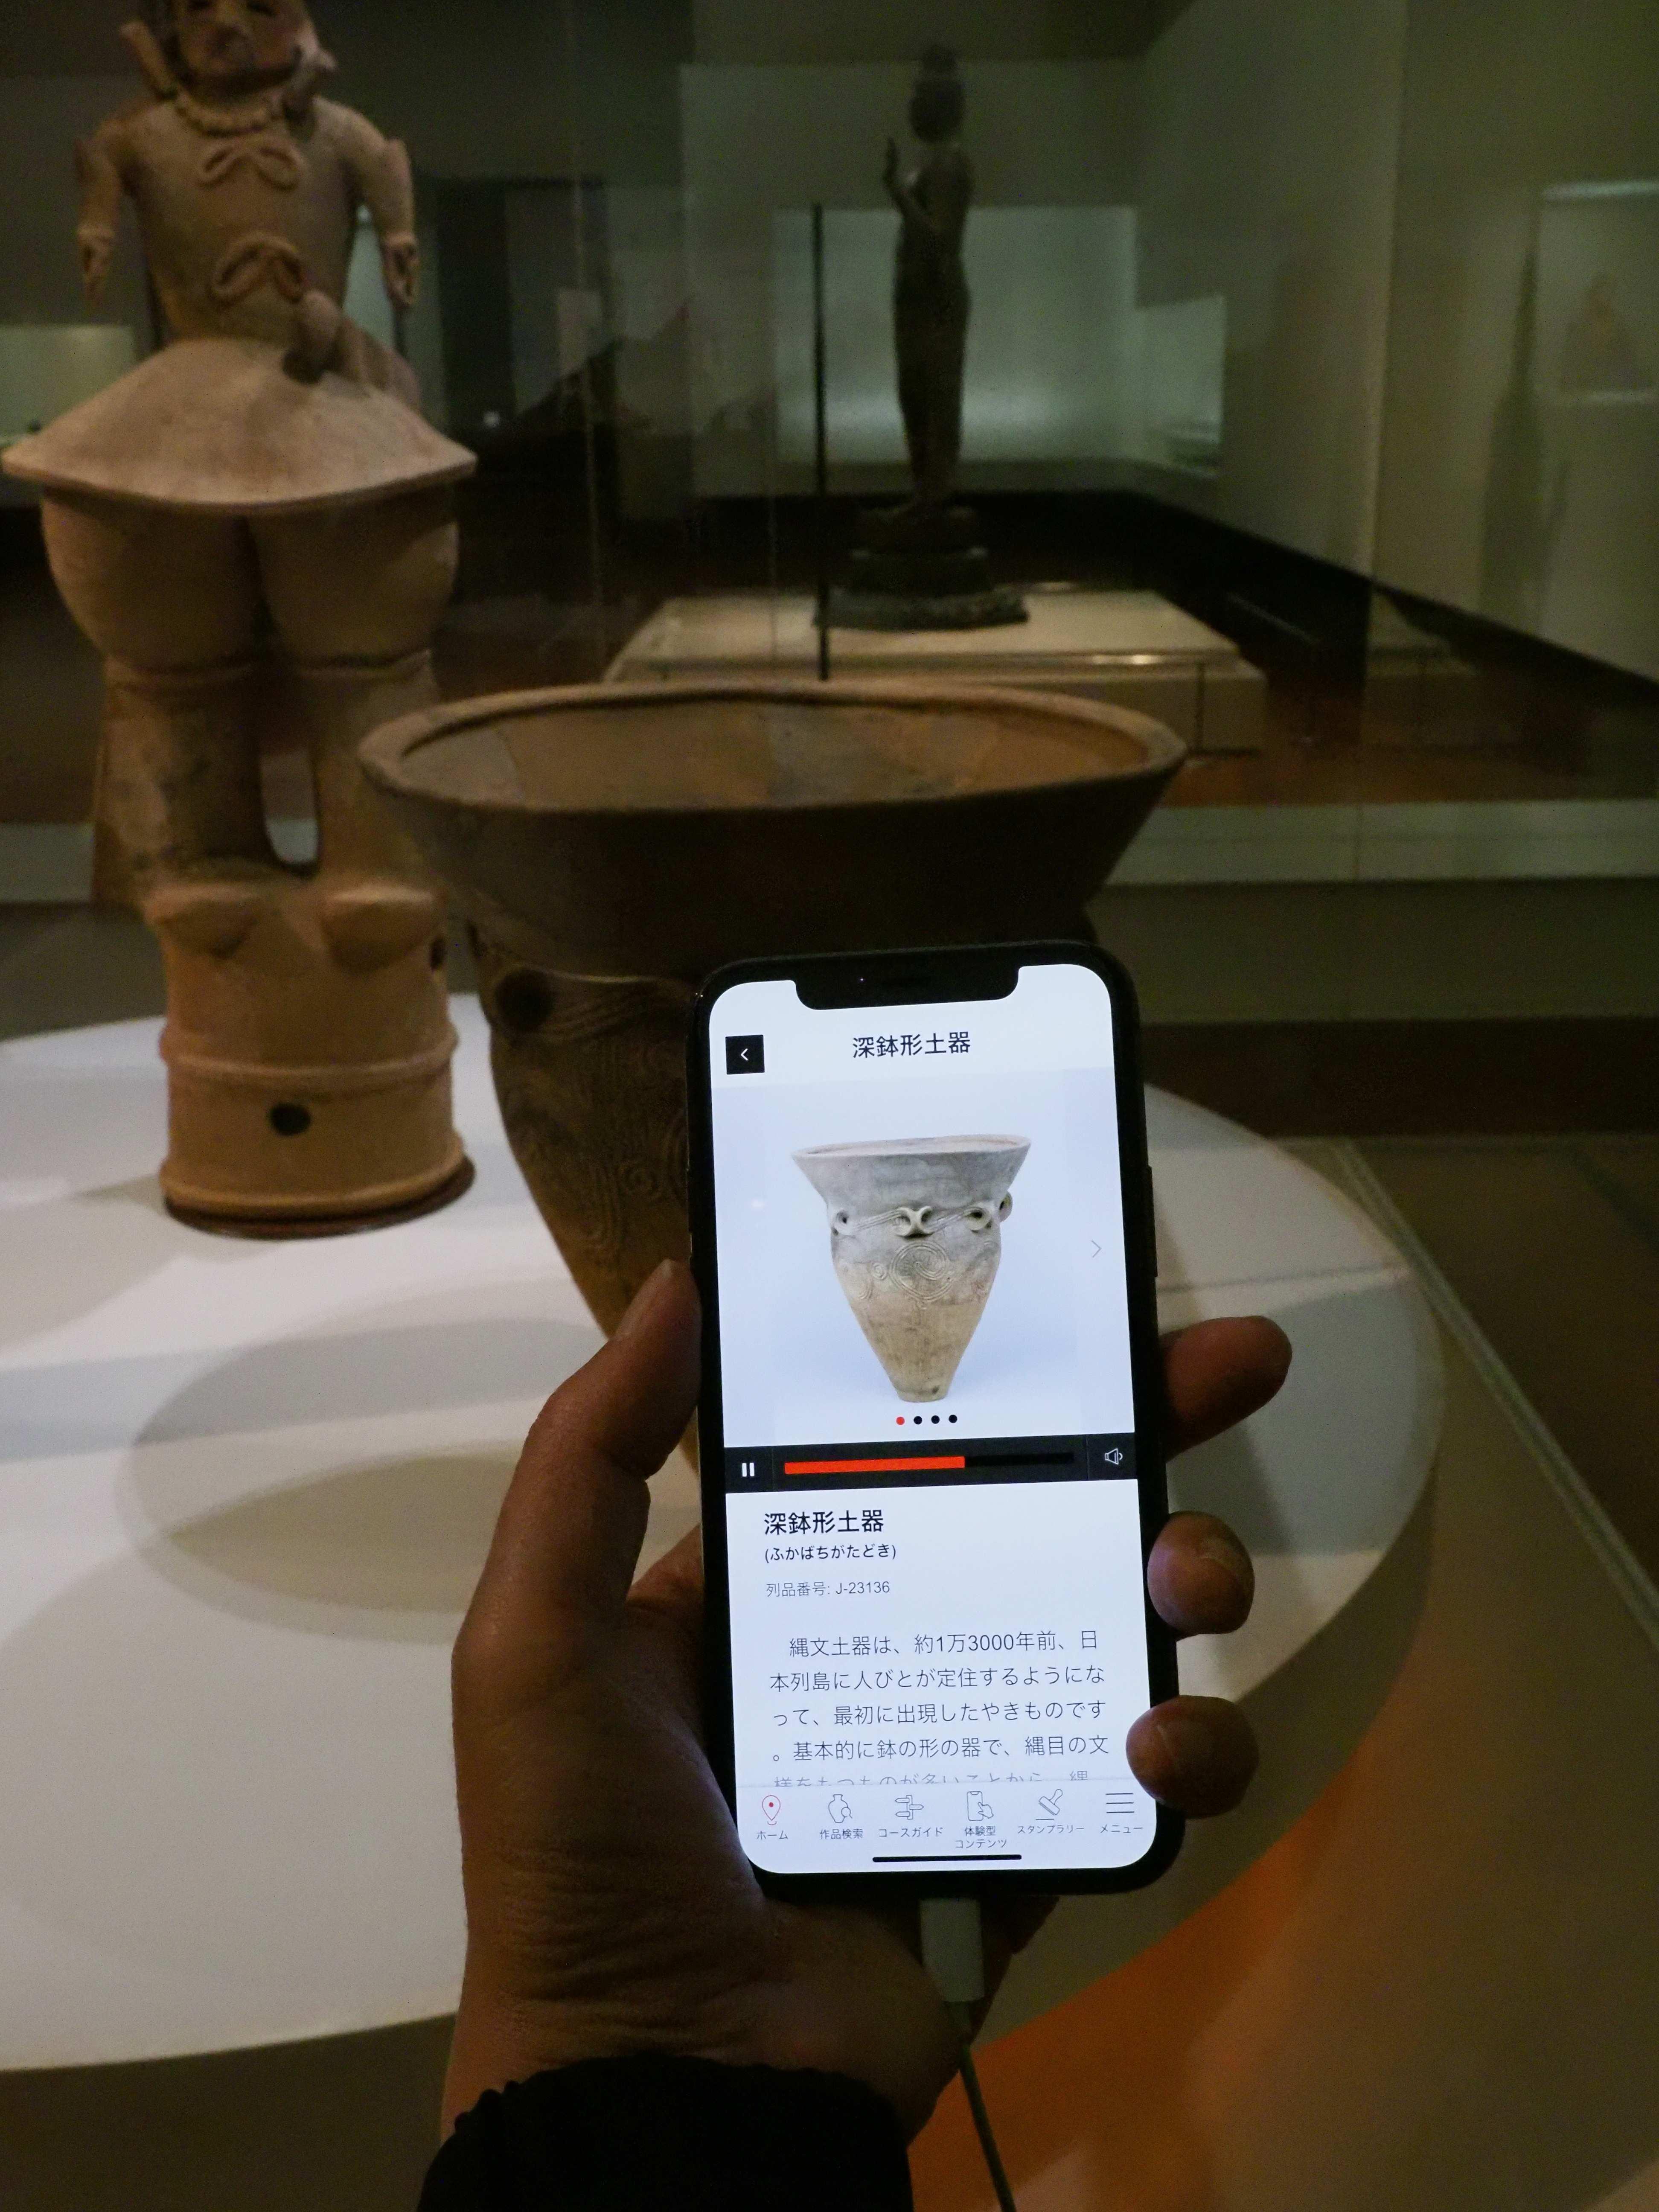 画像は、東京国立博物館のアプリ「トーハクなび」